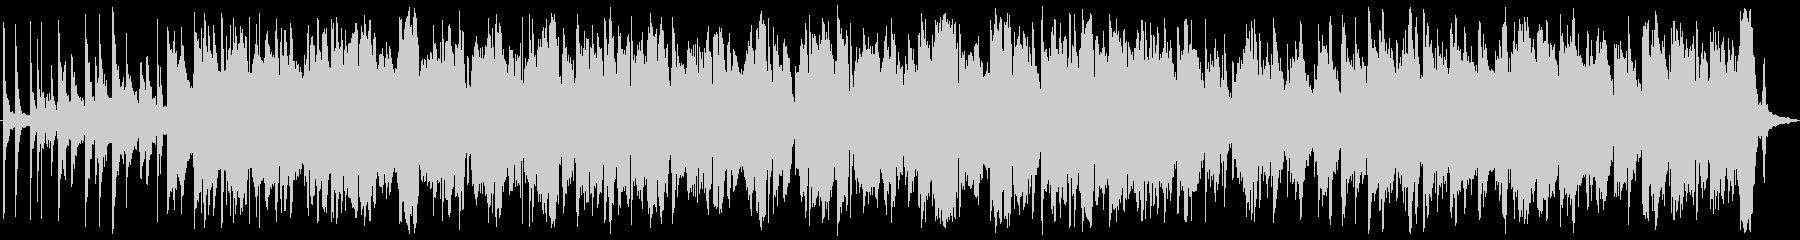 ピアノ中心の幻想的BGMの未再生の波形